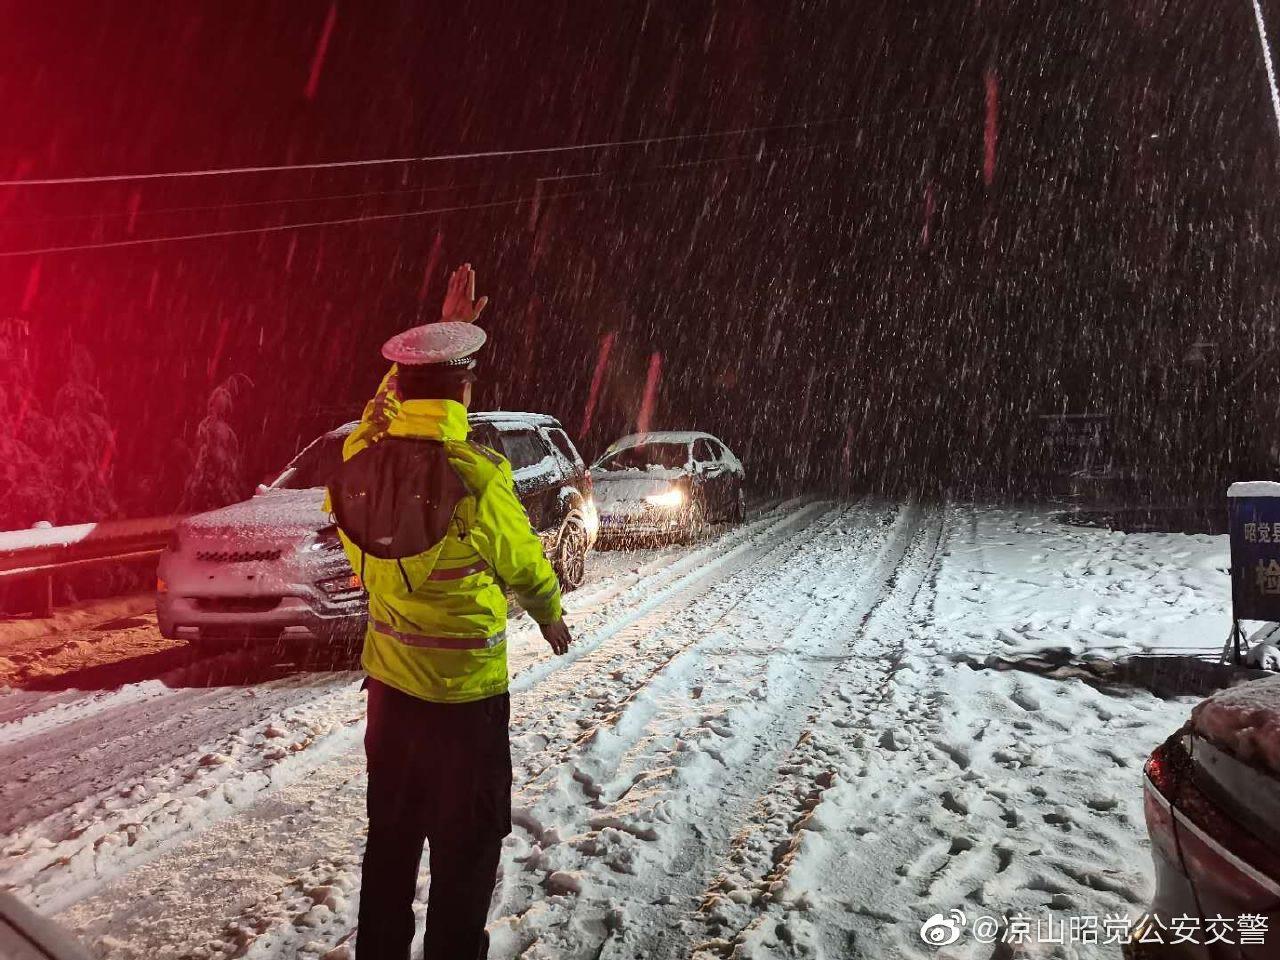 四川凉山多地出现强降雪,前往泸沽湖G348盐源小高山段等多条道路交通管制